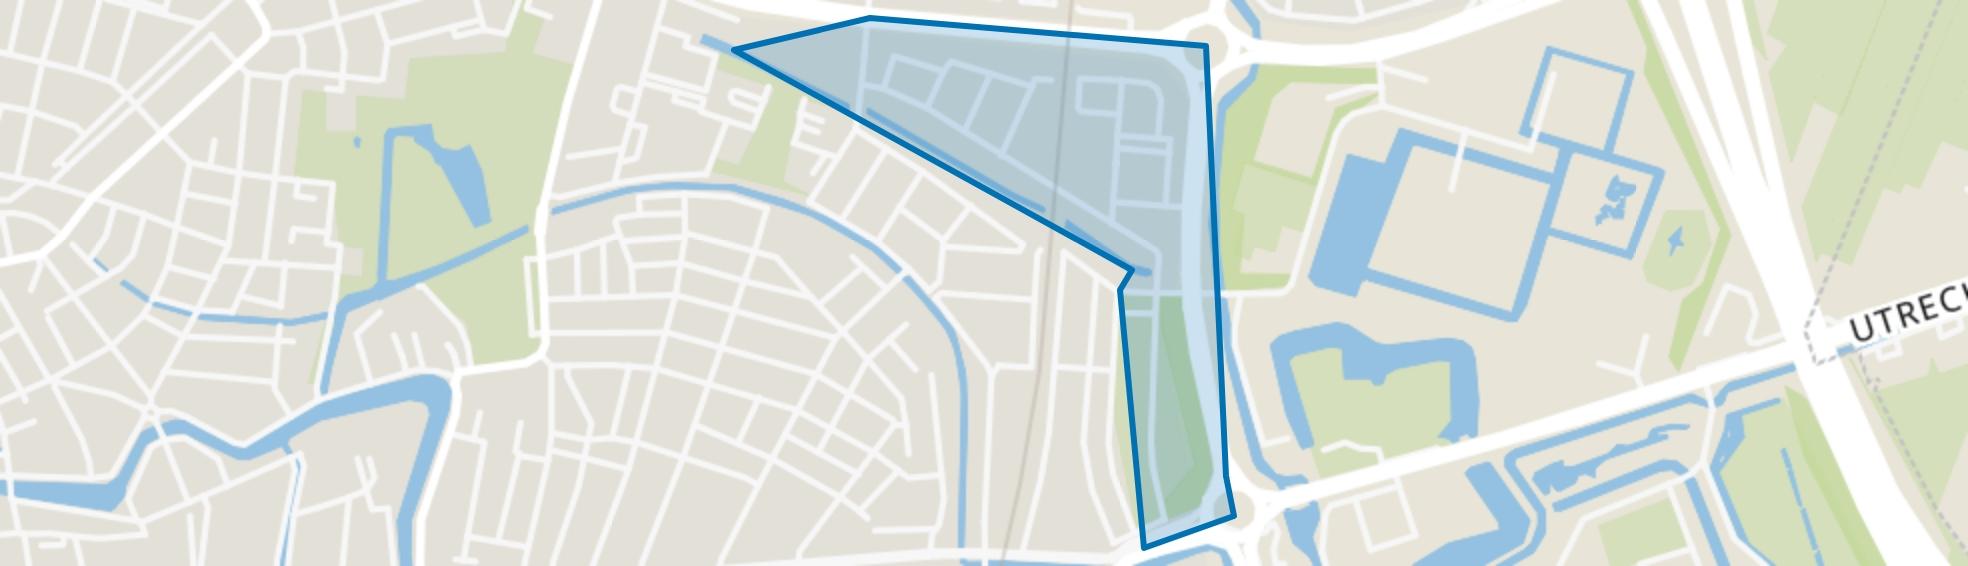 Huizingalaan, K. Doormanlaan en omgeving, Utrecht map